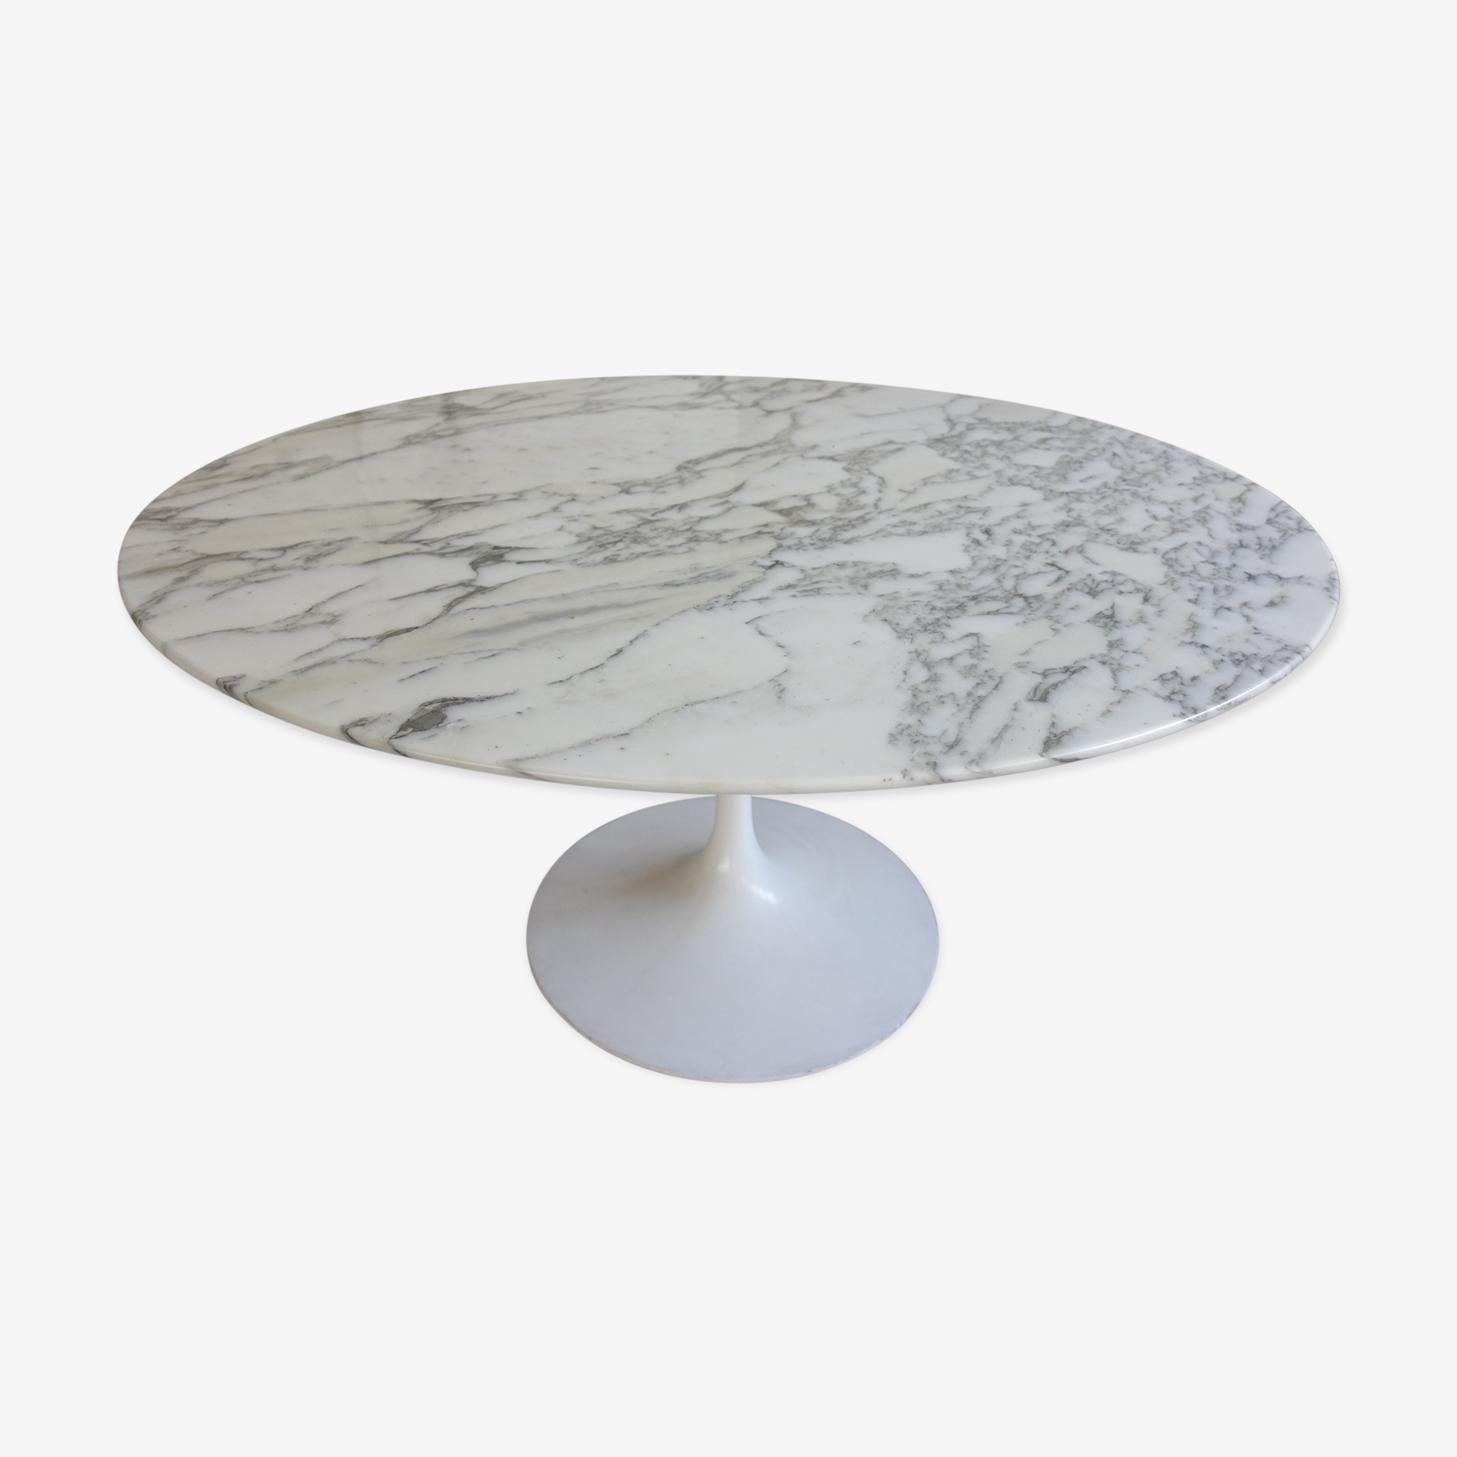 Table by Eero Saarinen Knoll International edition Tulip